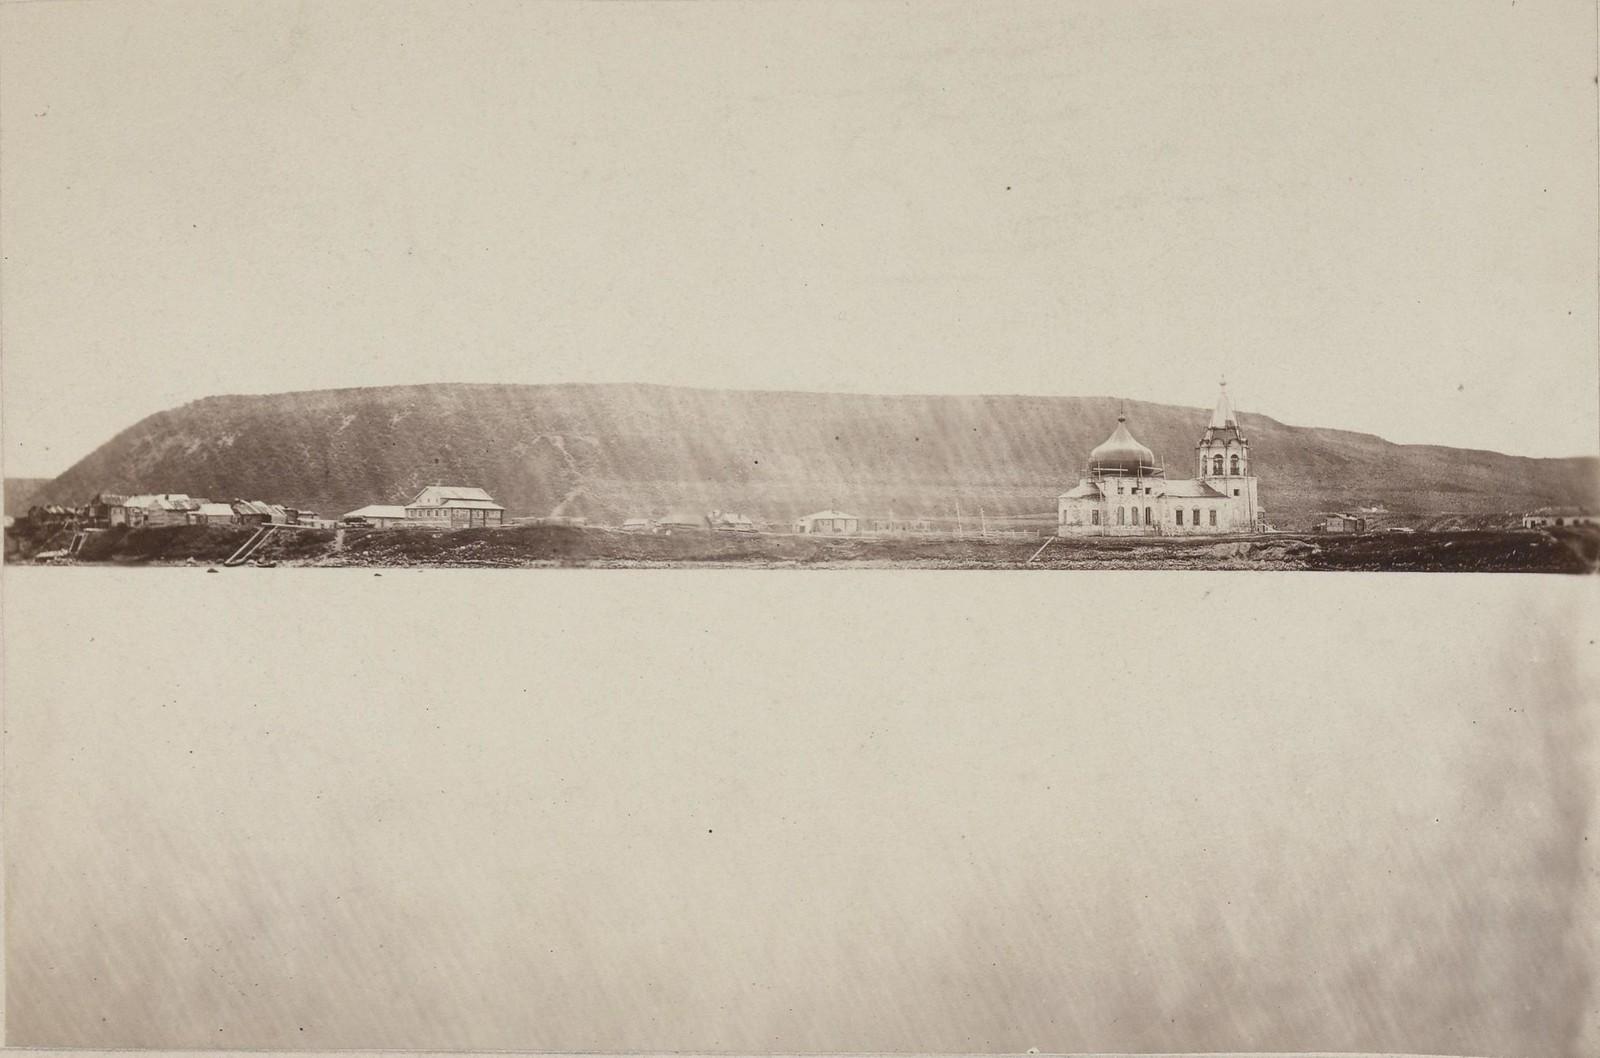 01. 1867. Кола. Панорама города. Идет восстановление Благовещенской церкви после бомбардировки Колы английским корветом «Миранда» в 1854 году